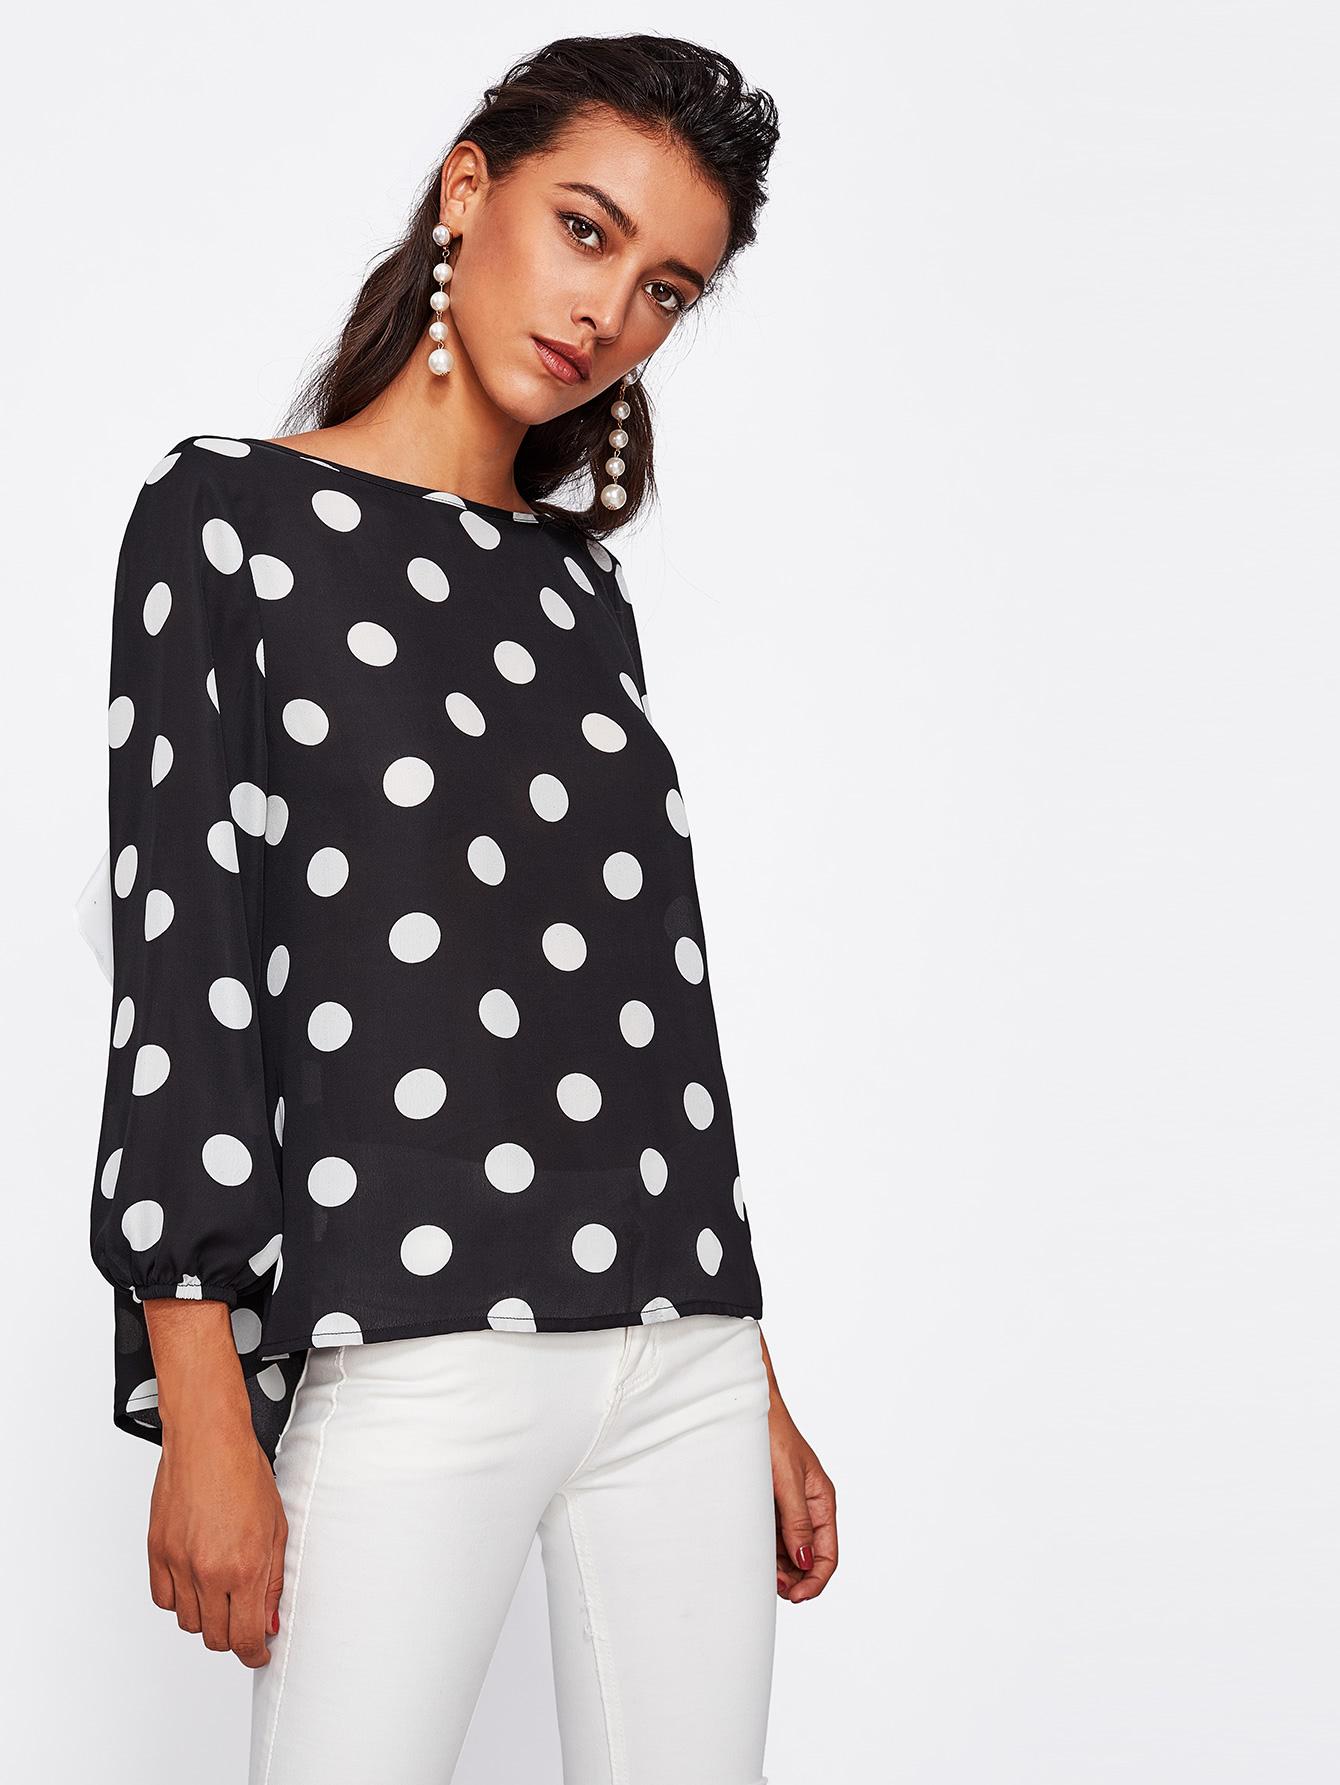 Блузка в горошек крупный